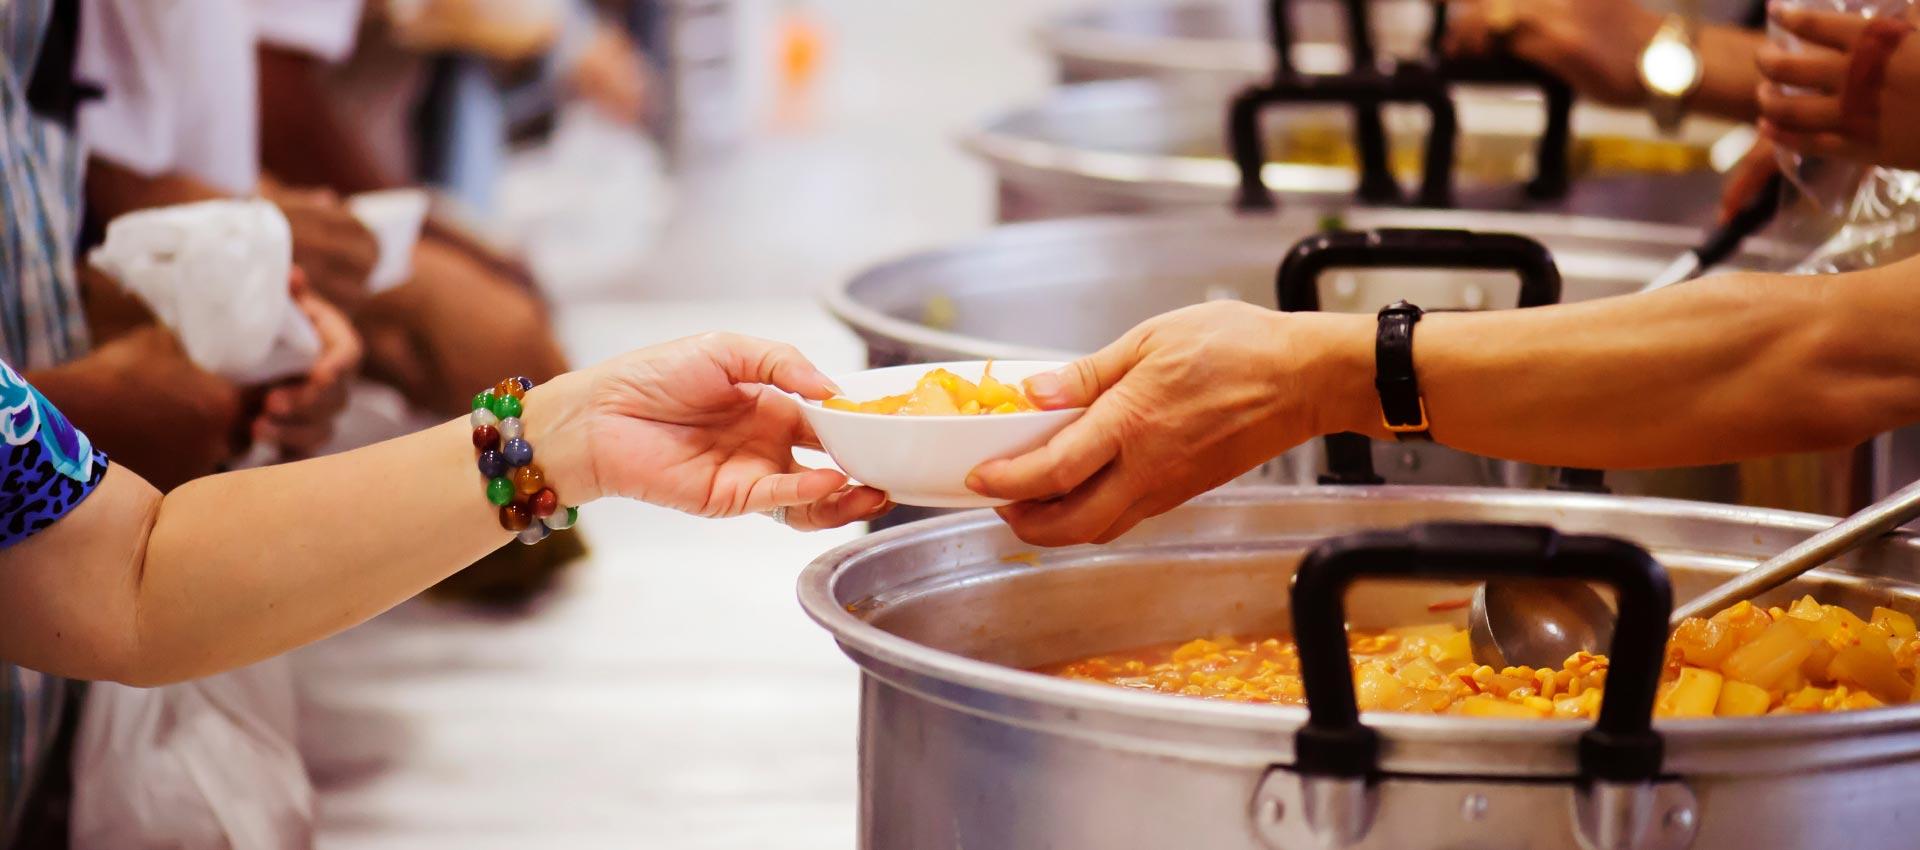 Hot Pot Meal -Homepage - Slider